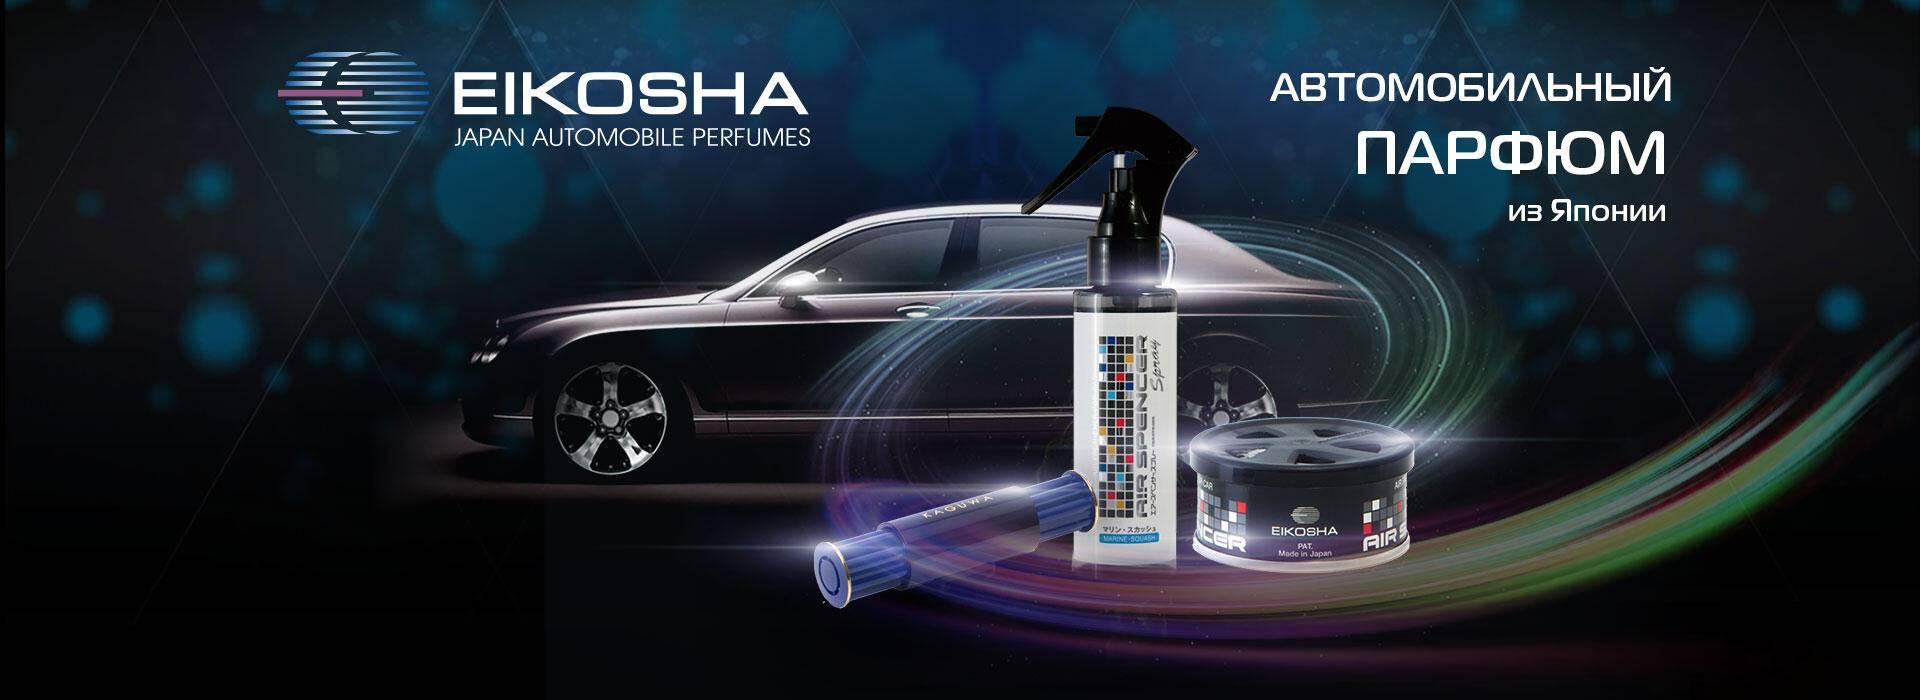 Автомобильный парфюм EIKOSHA из Японии